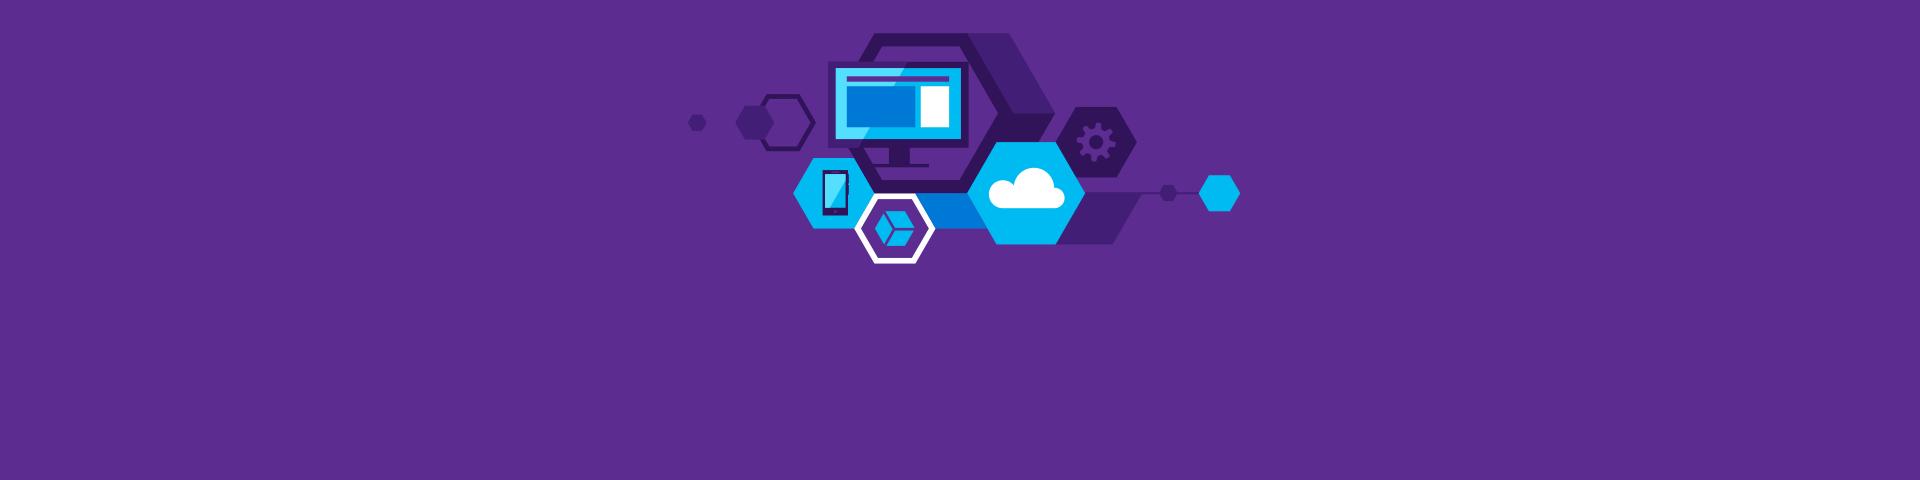 PC, SmartPhone, Cloud et autres icônes de technologies